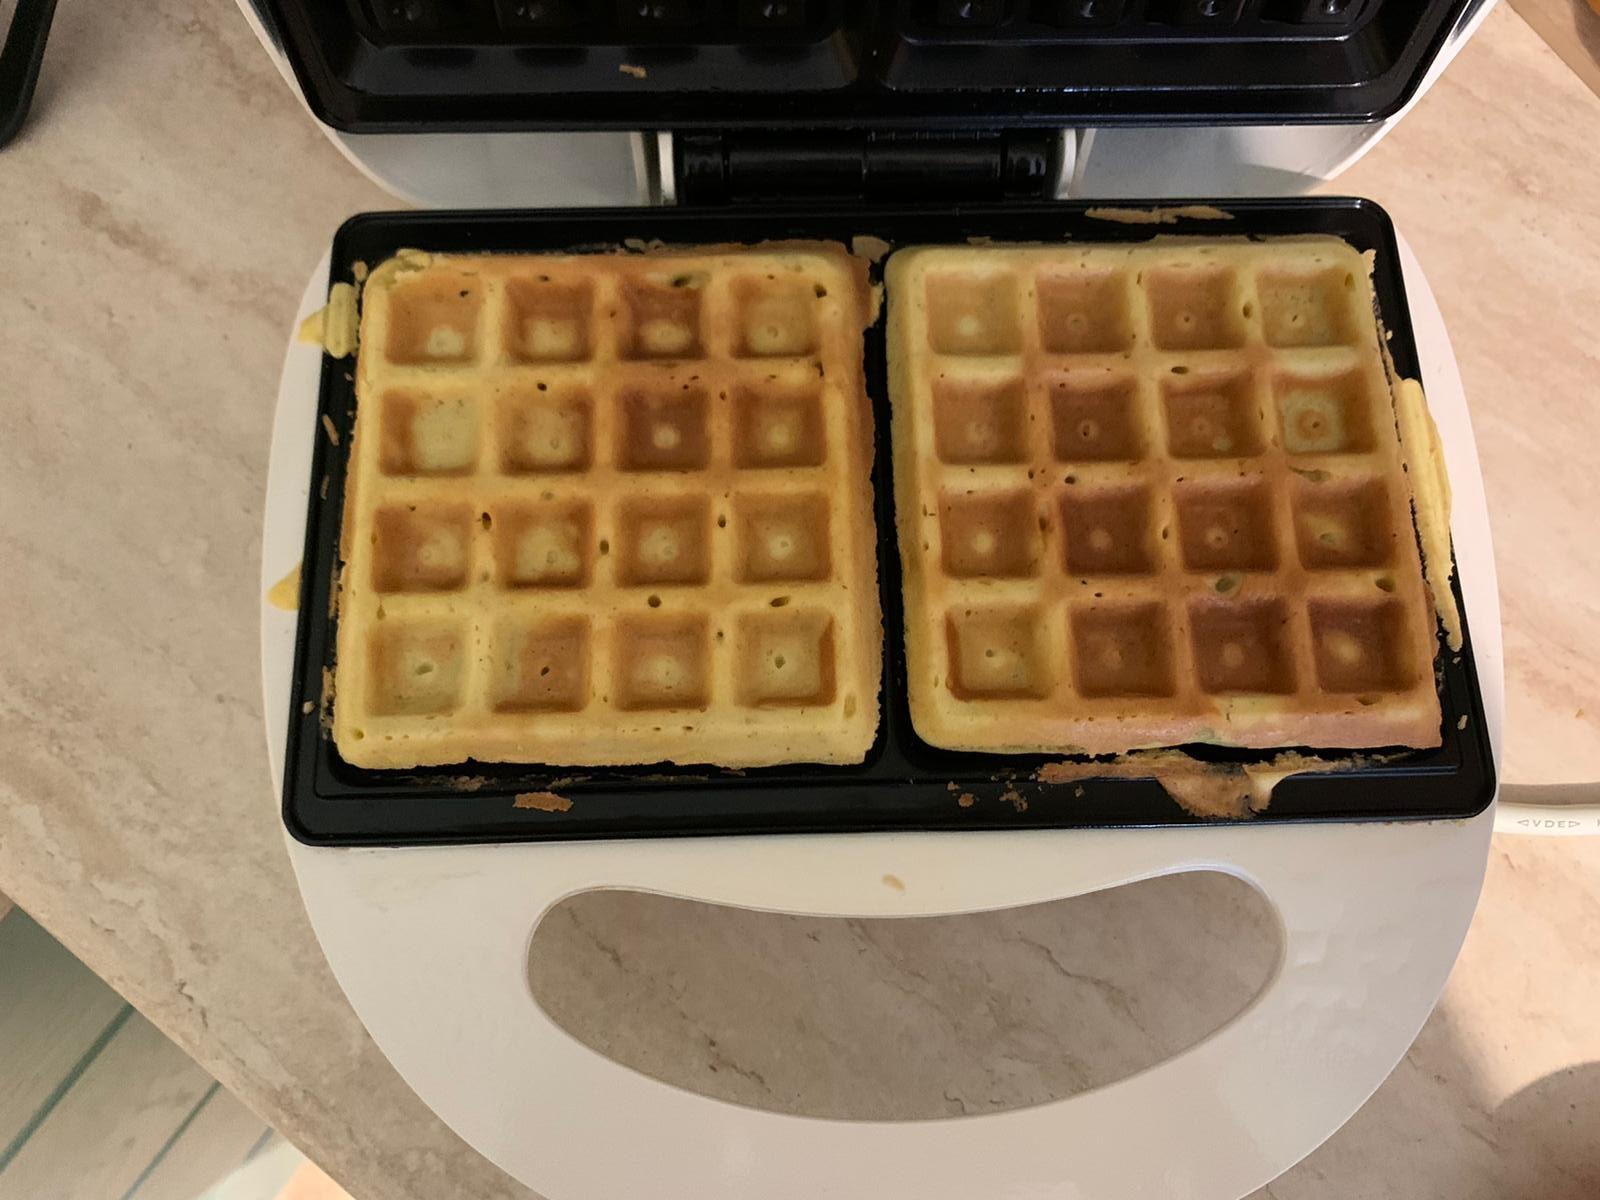 piastra e waffle dopo la preparazione